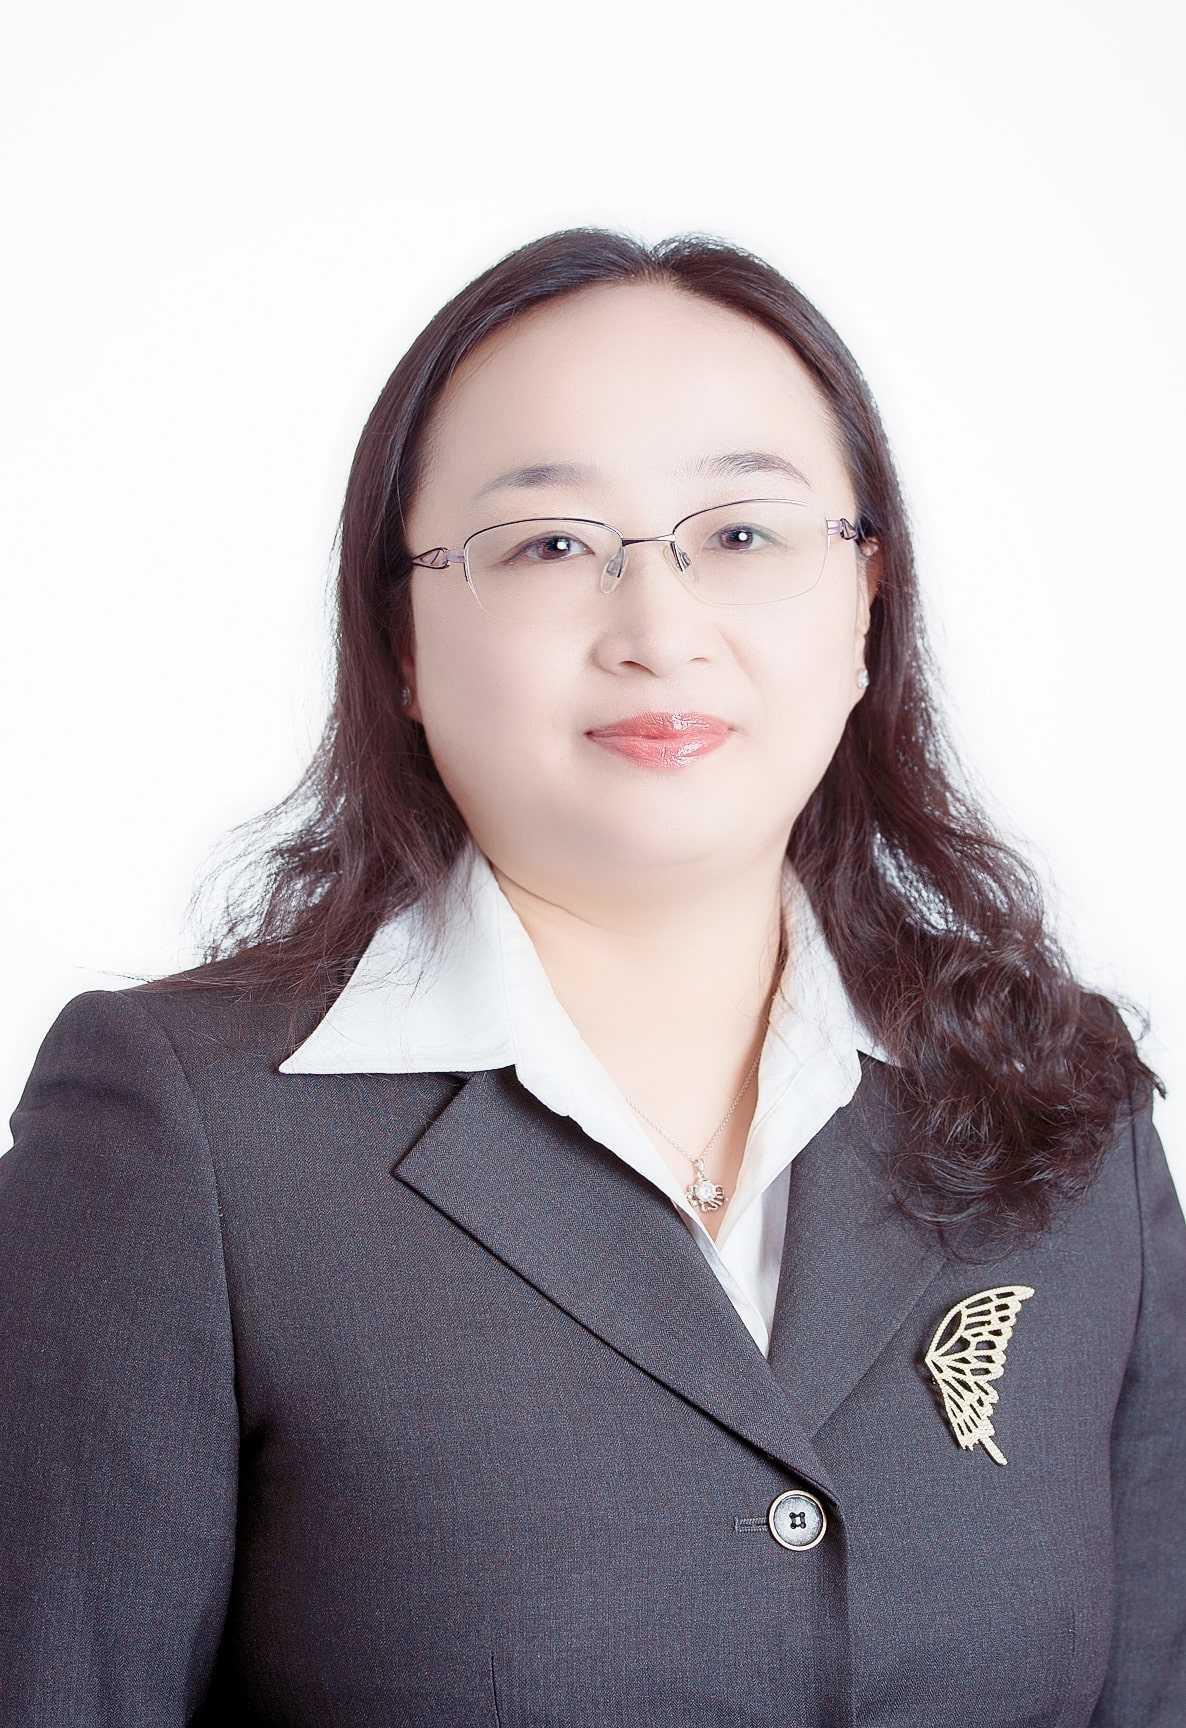 Fanfan Zhou